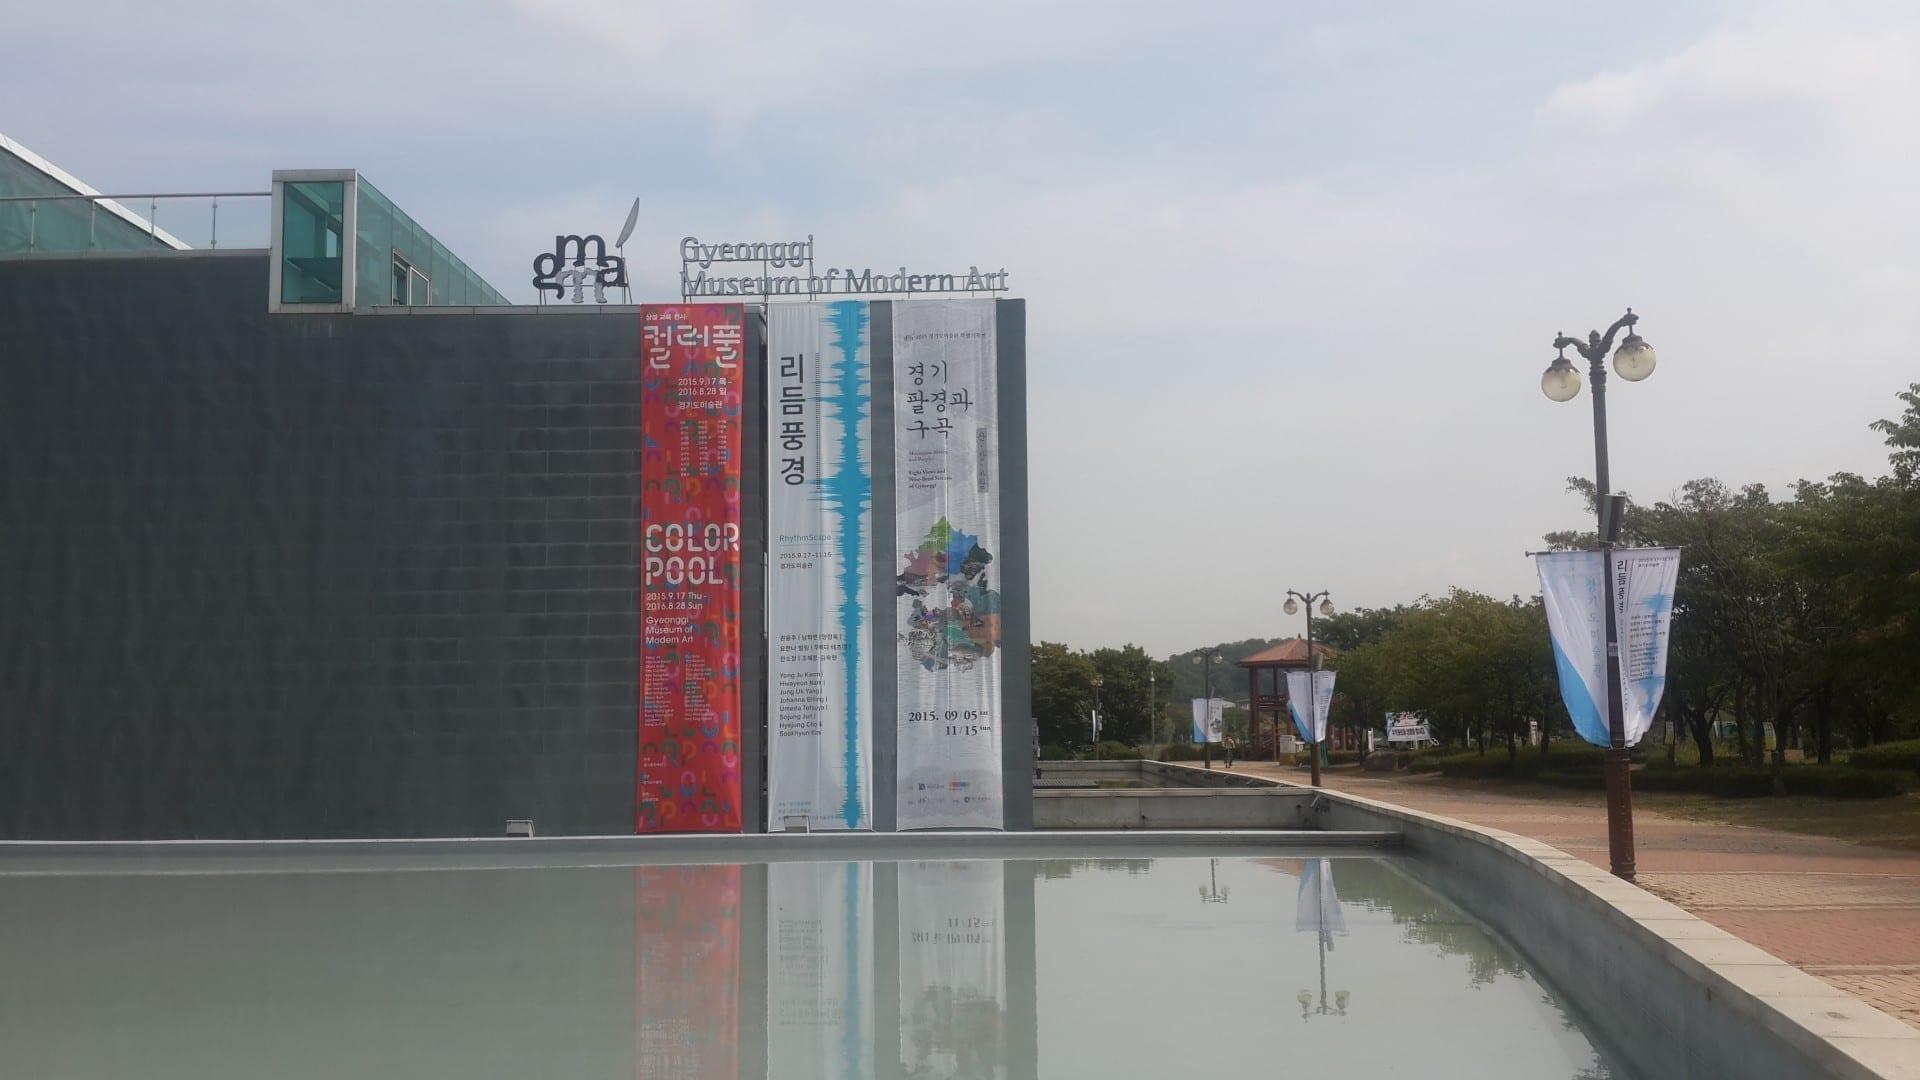 Museo de Arte Moderno de Gyeonggi Ansan Corea del Sur